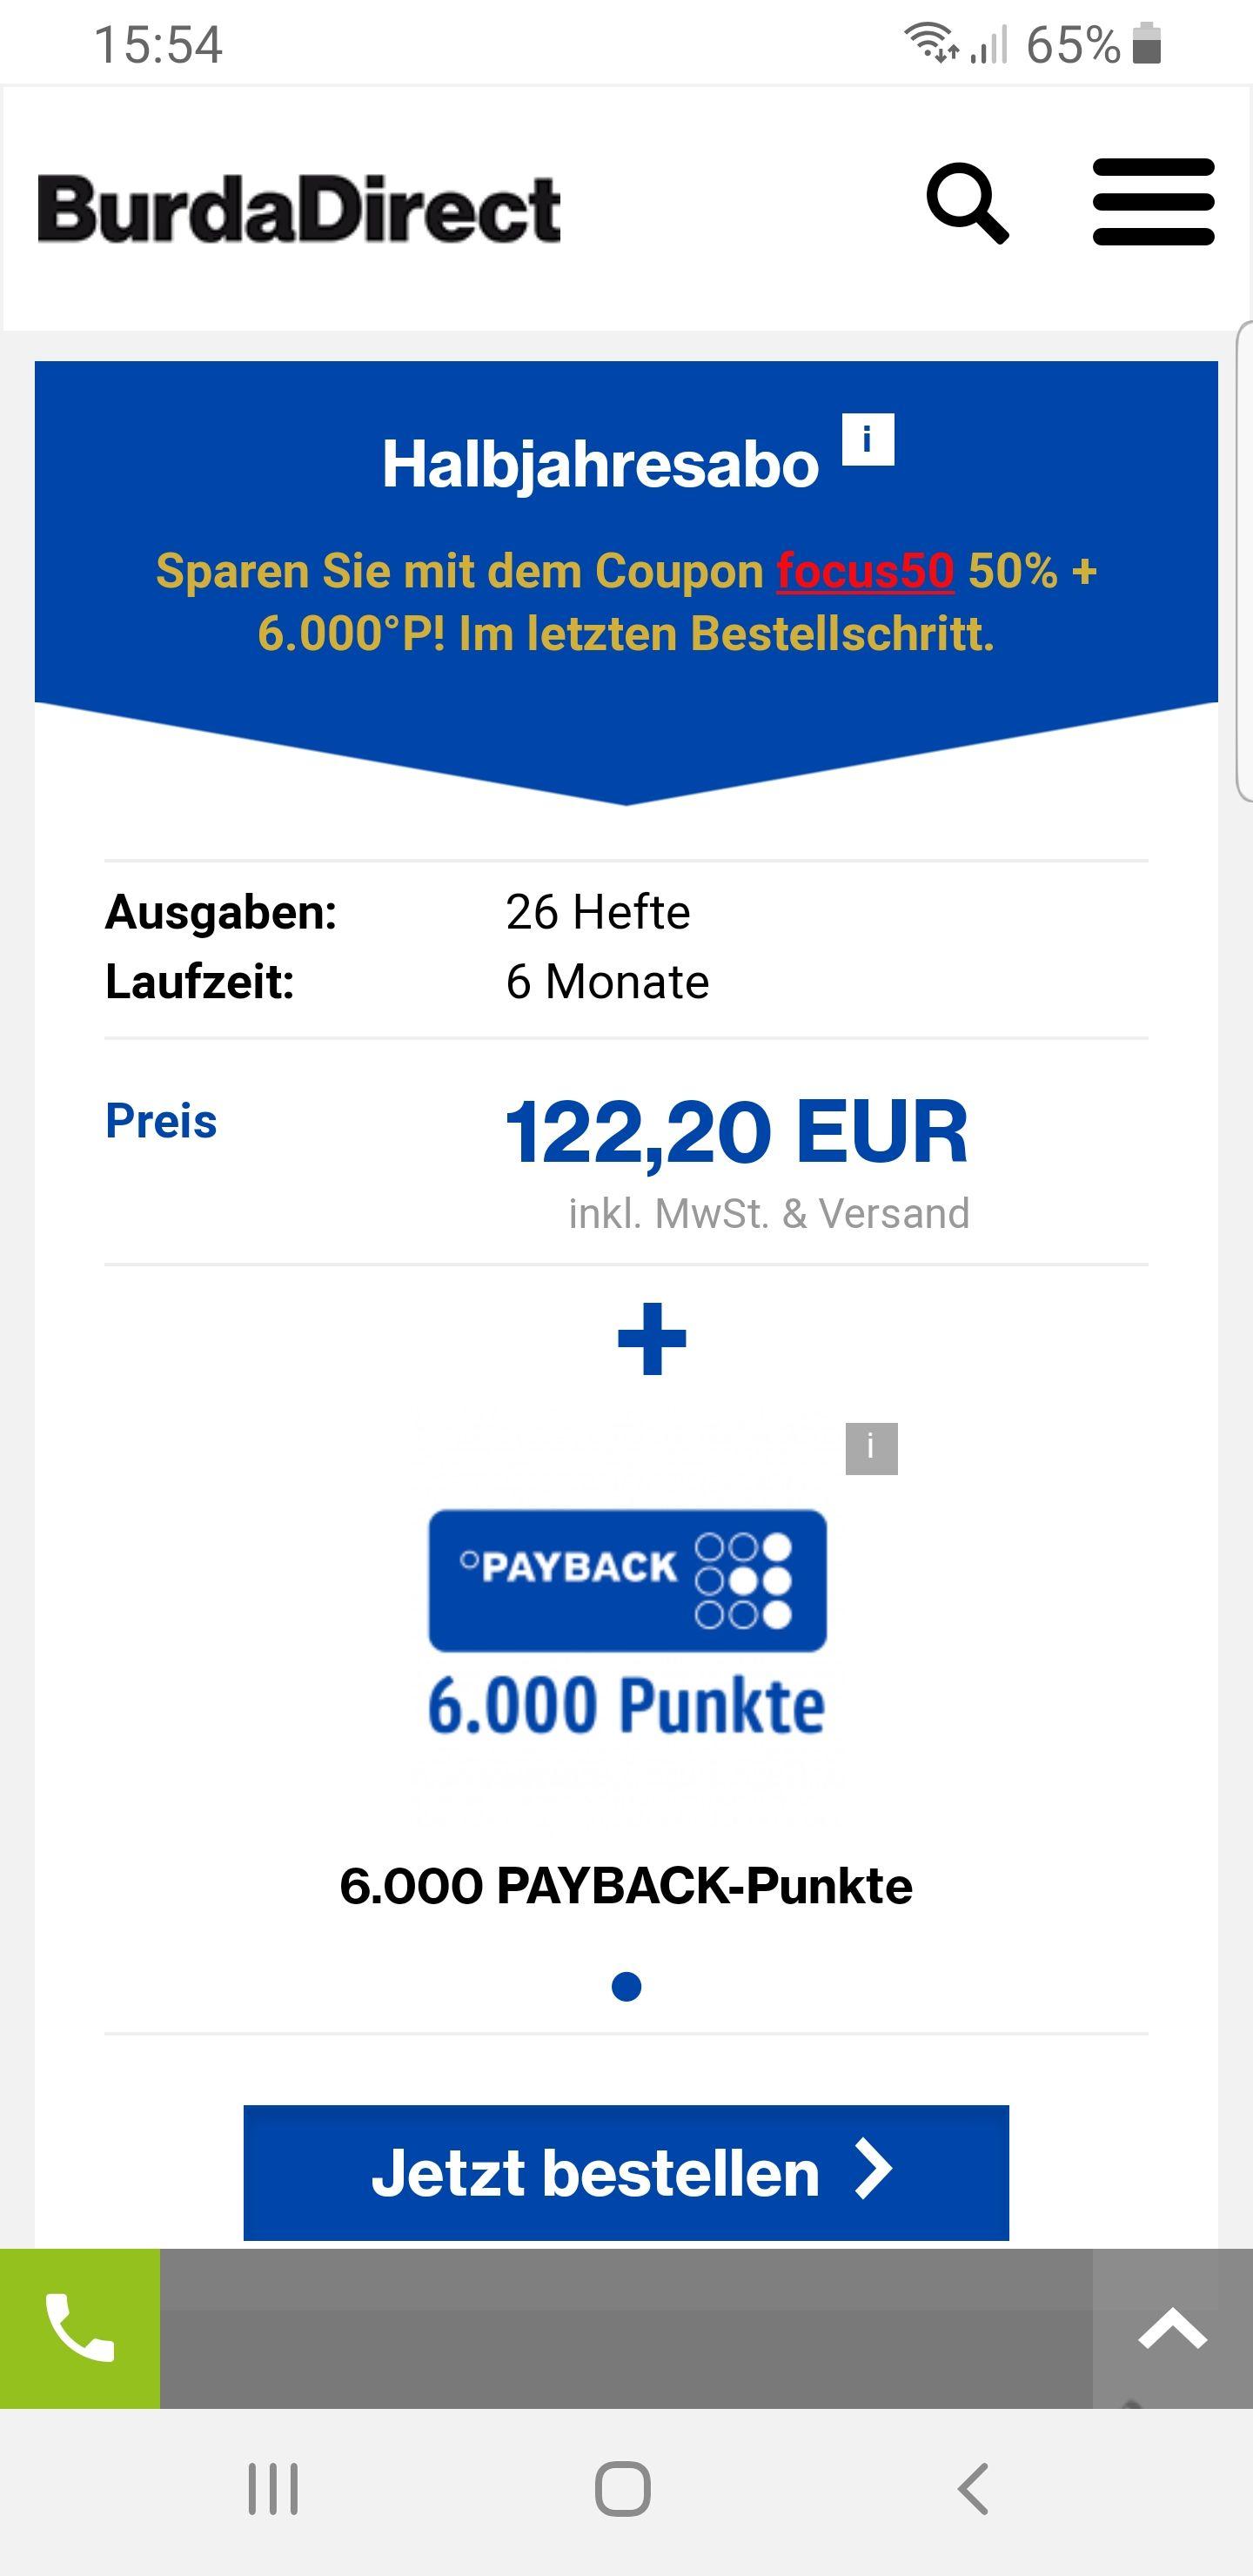 [Payback] focus HalbJahresabbo mit 6000 Payback-Punkten